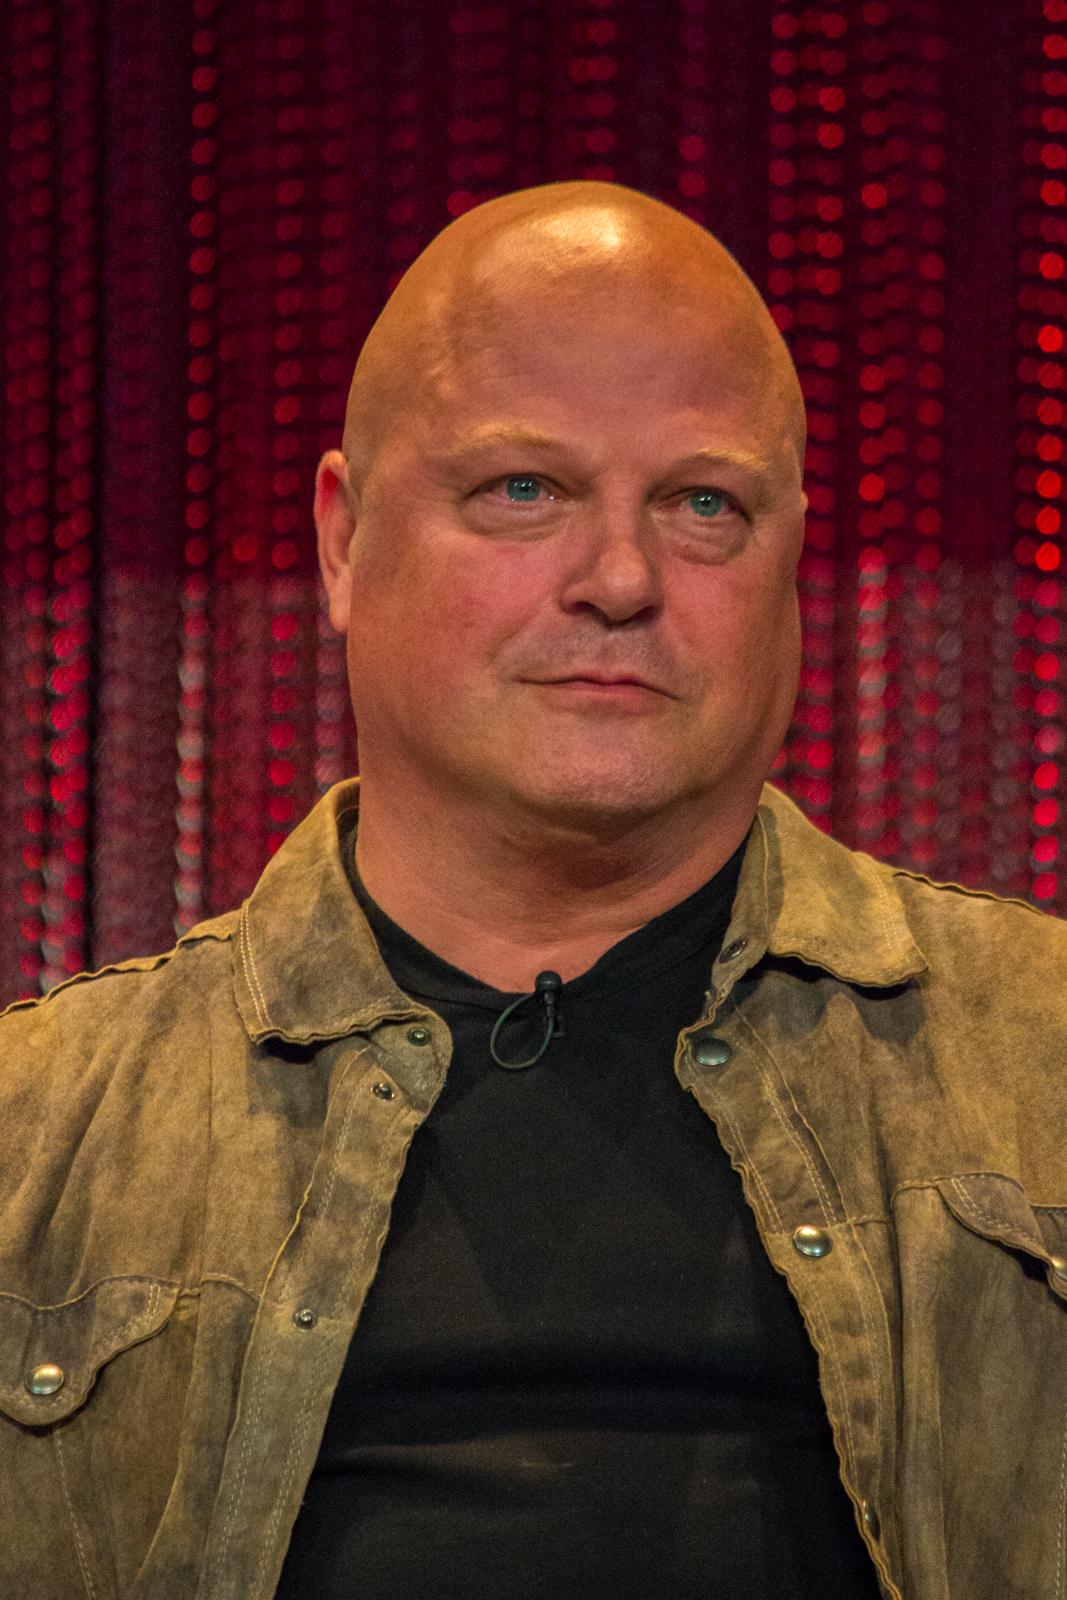 MichaelChiklis